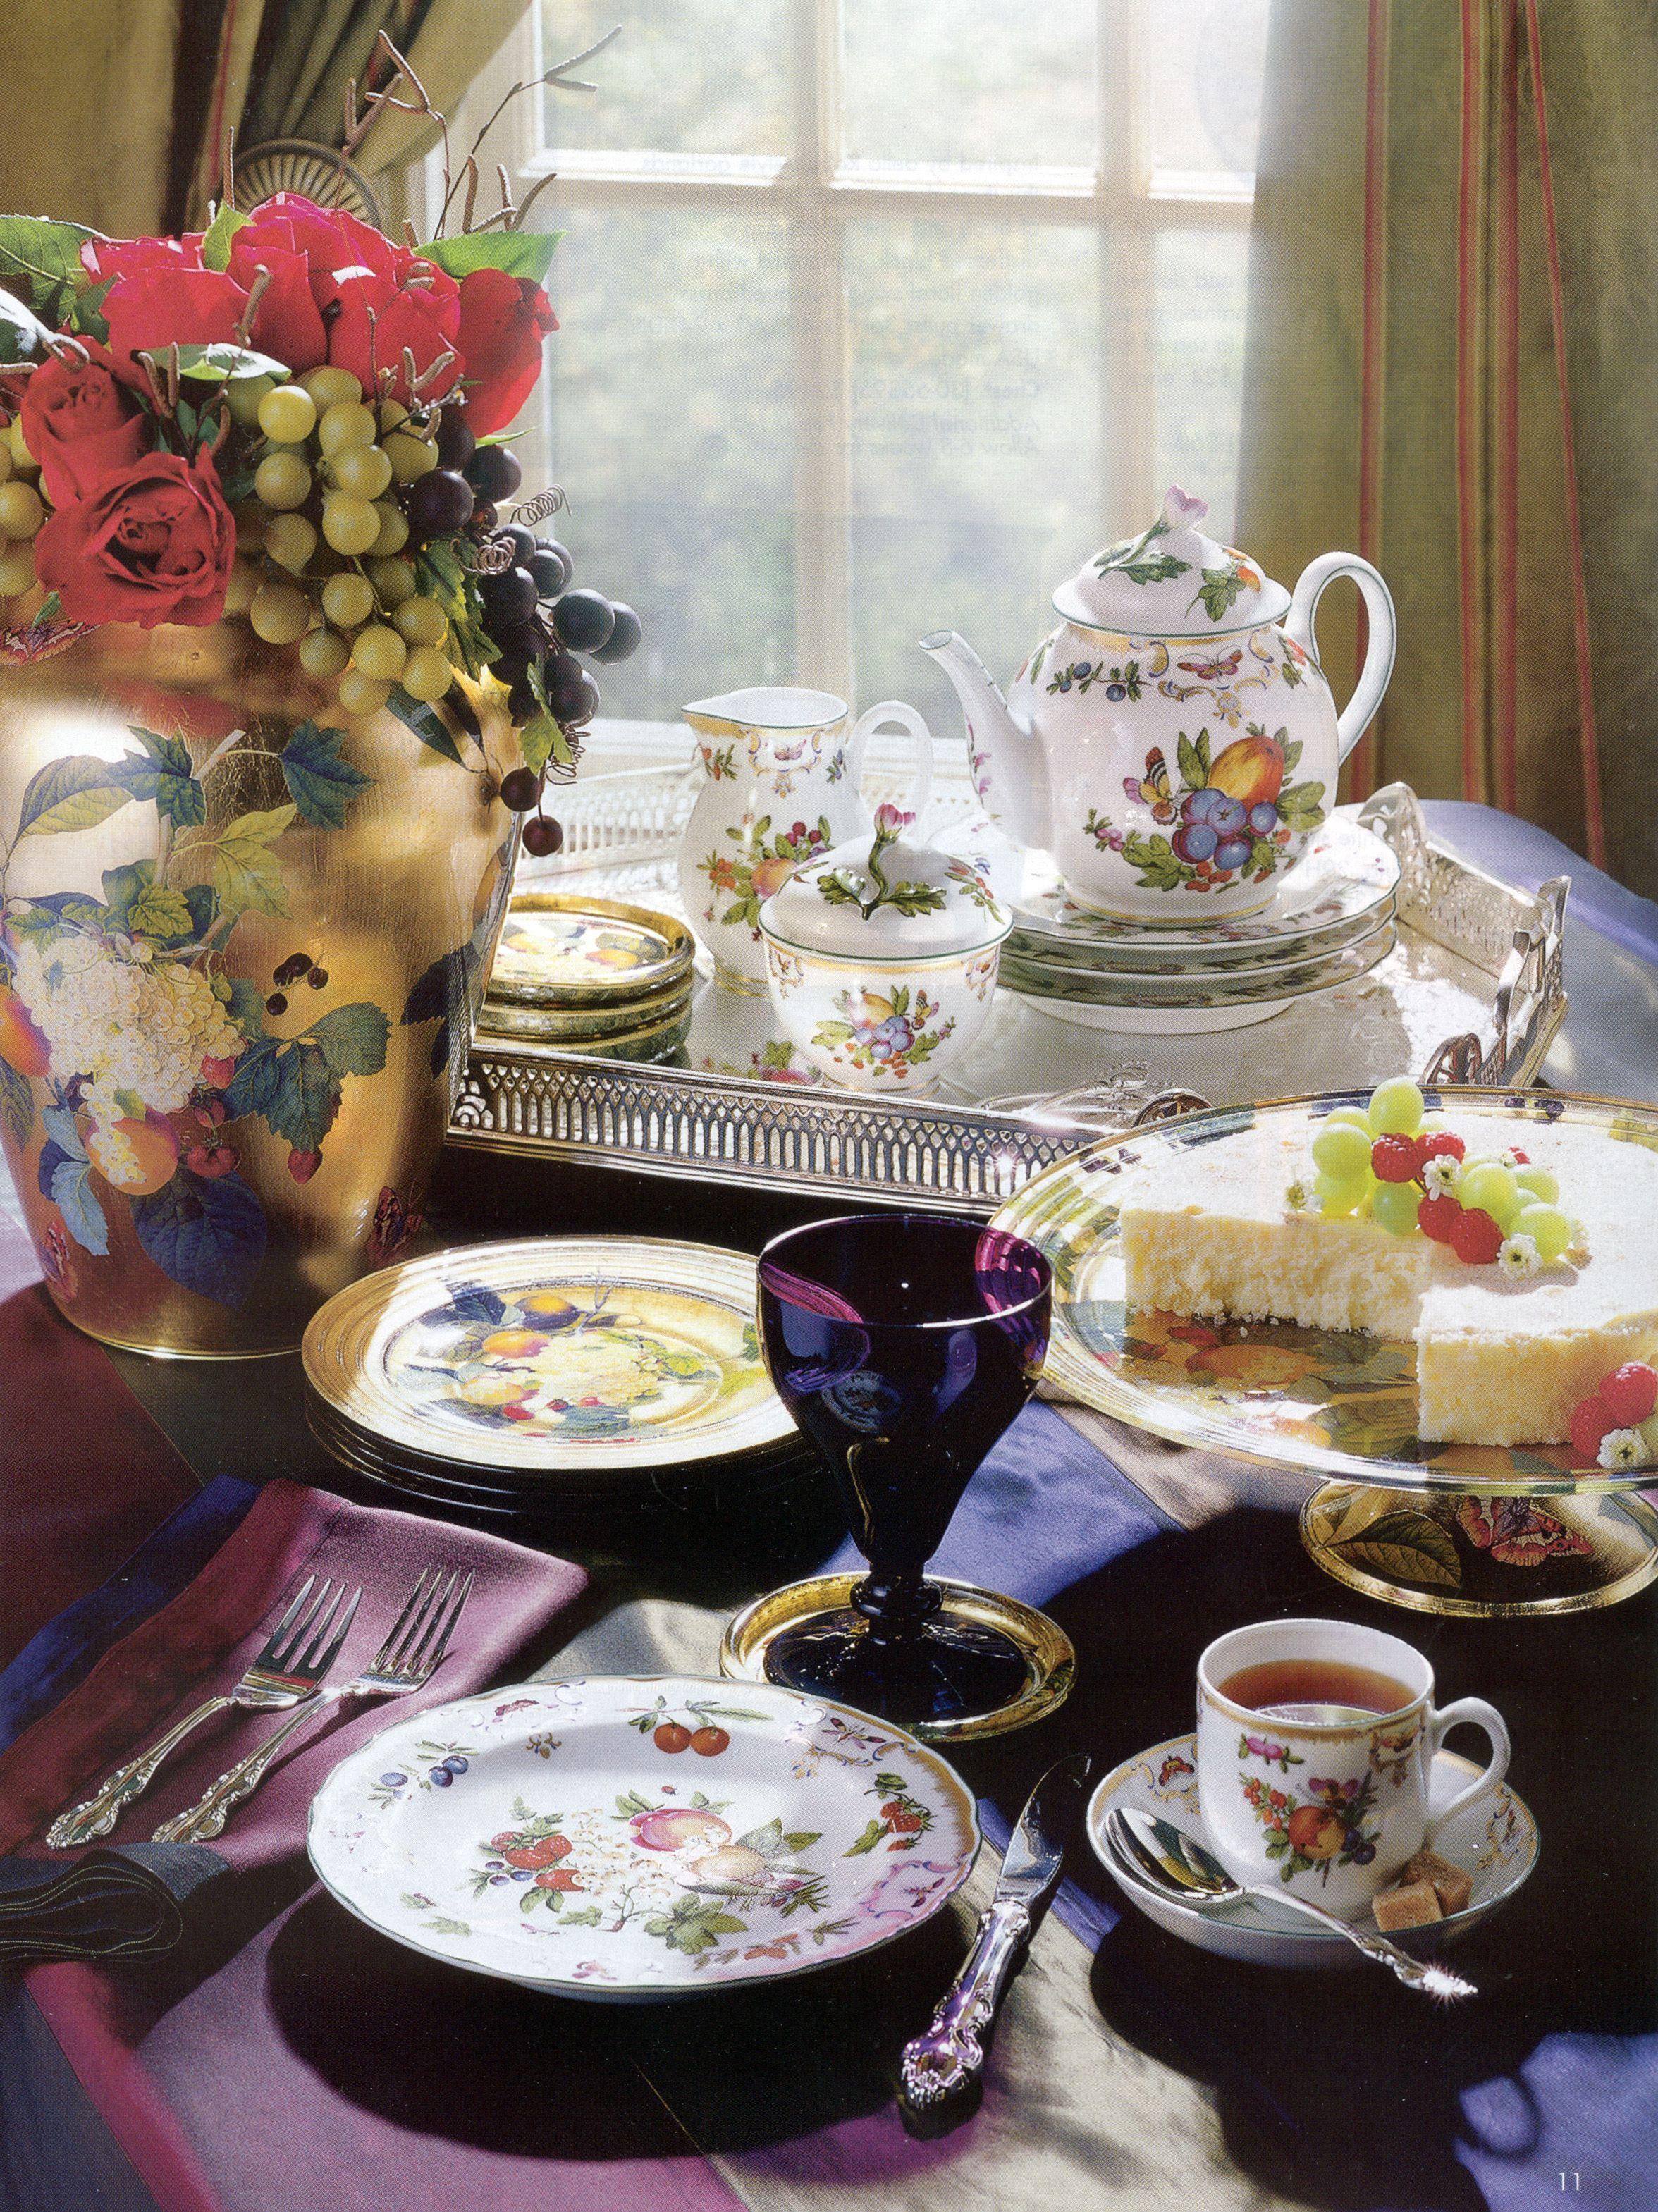 Duke of Gloucester table setting | For the Table II | Pinterest ...